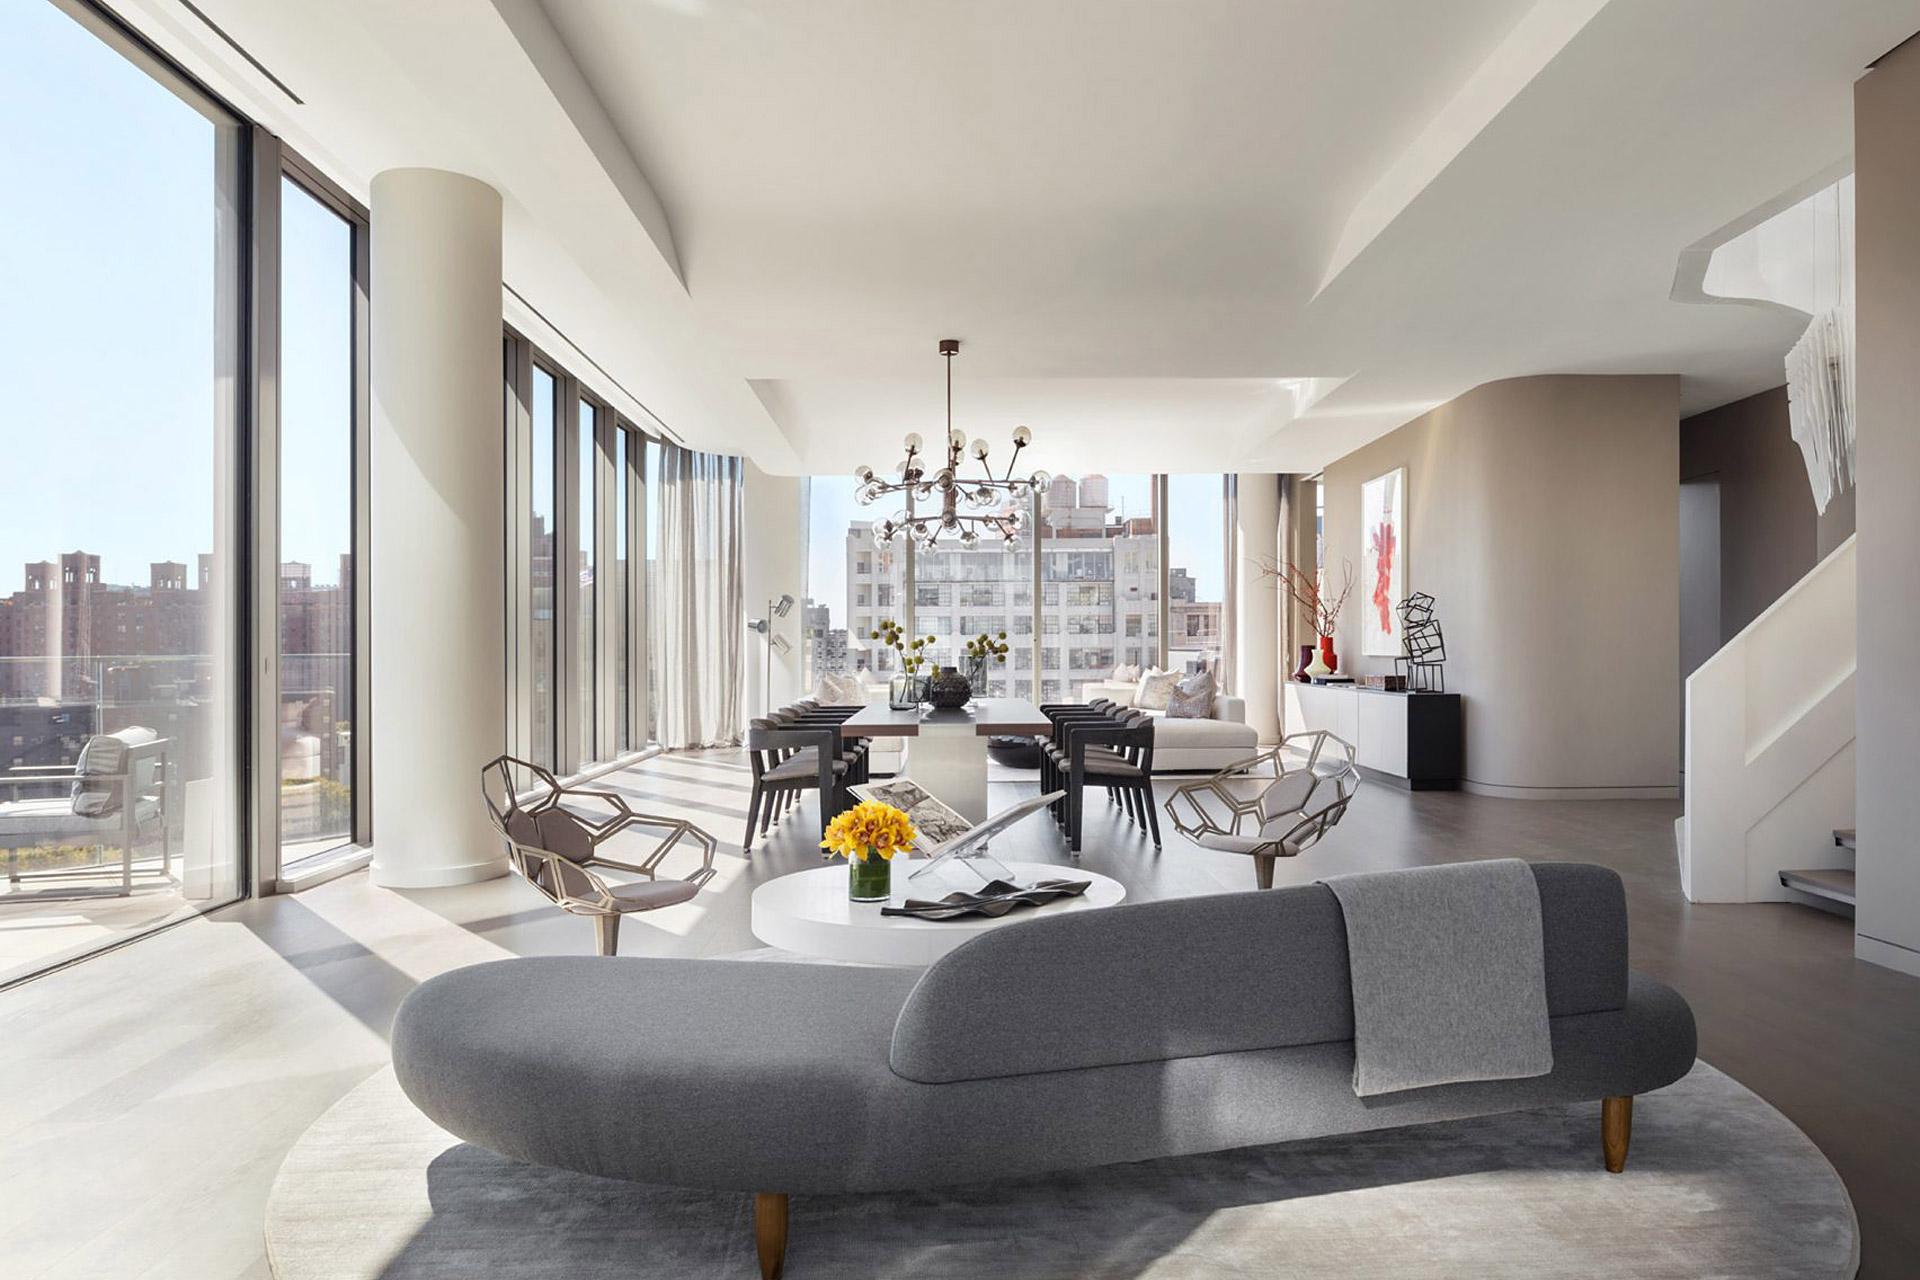 Das $48 Millionen Dollar Penthouse in Manhattan von Zaha Hadid 2